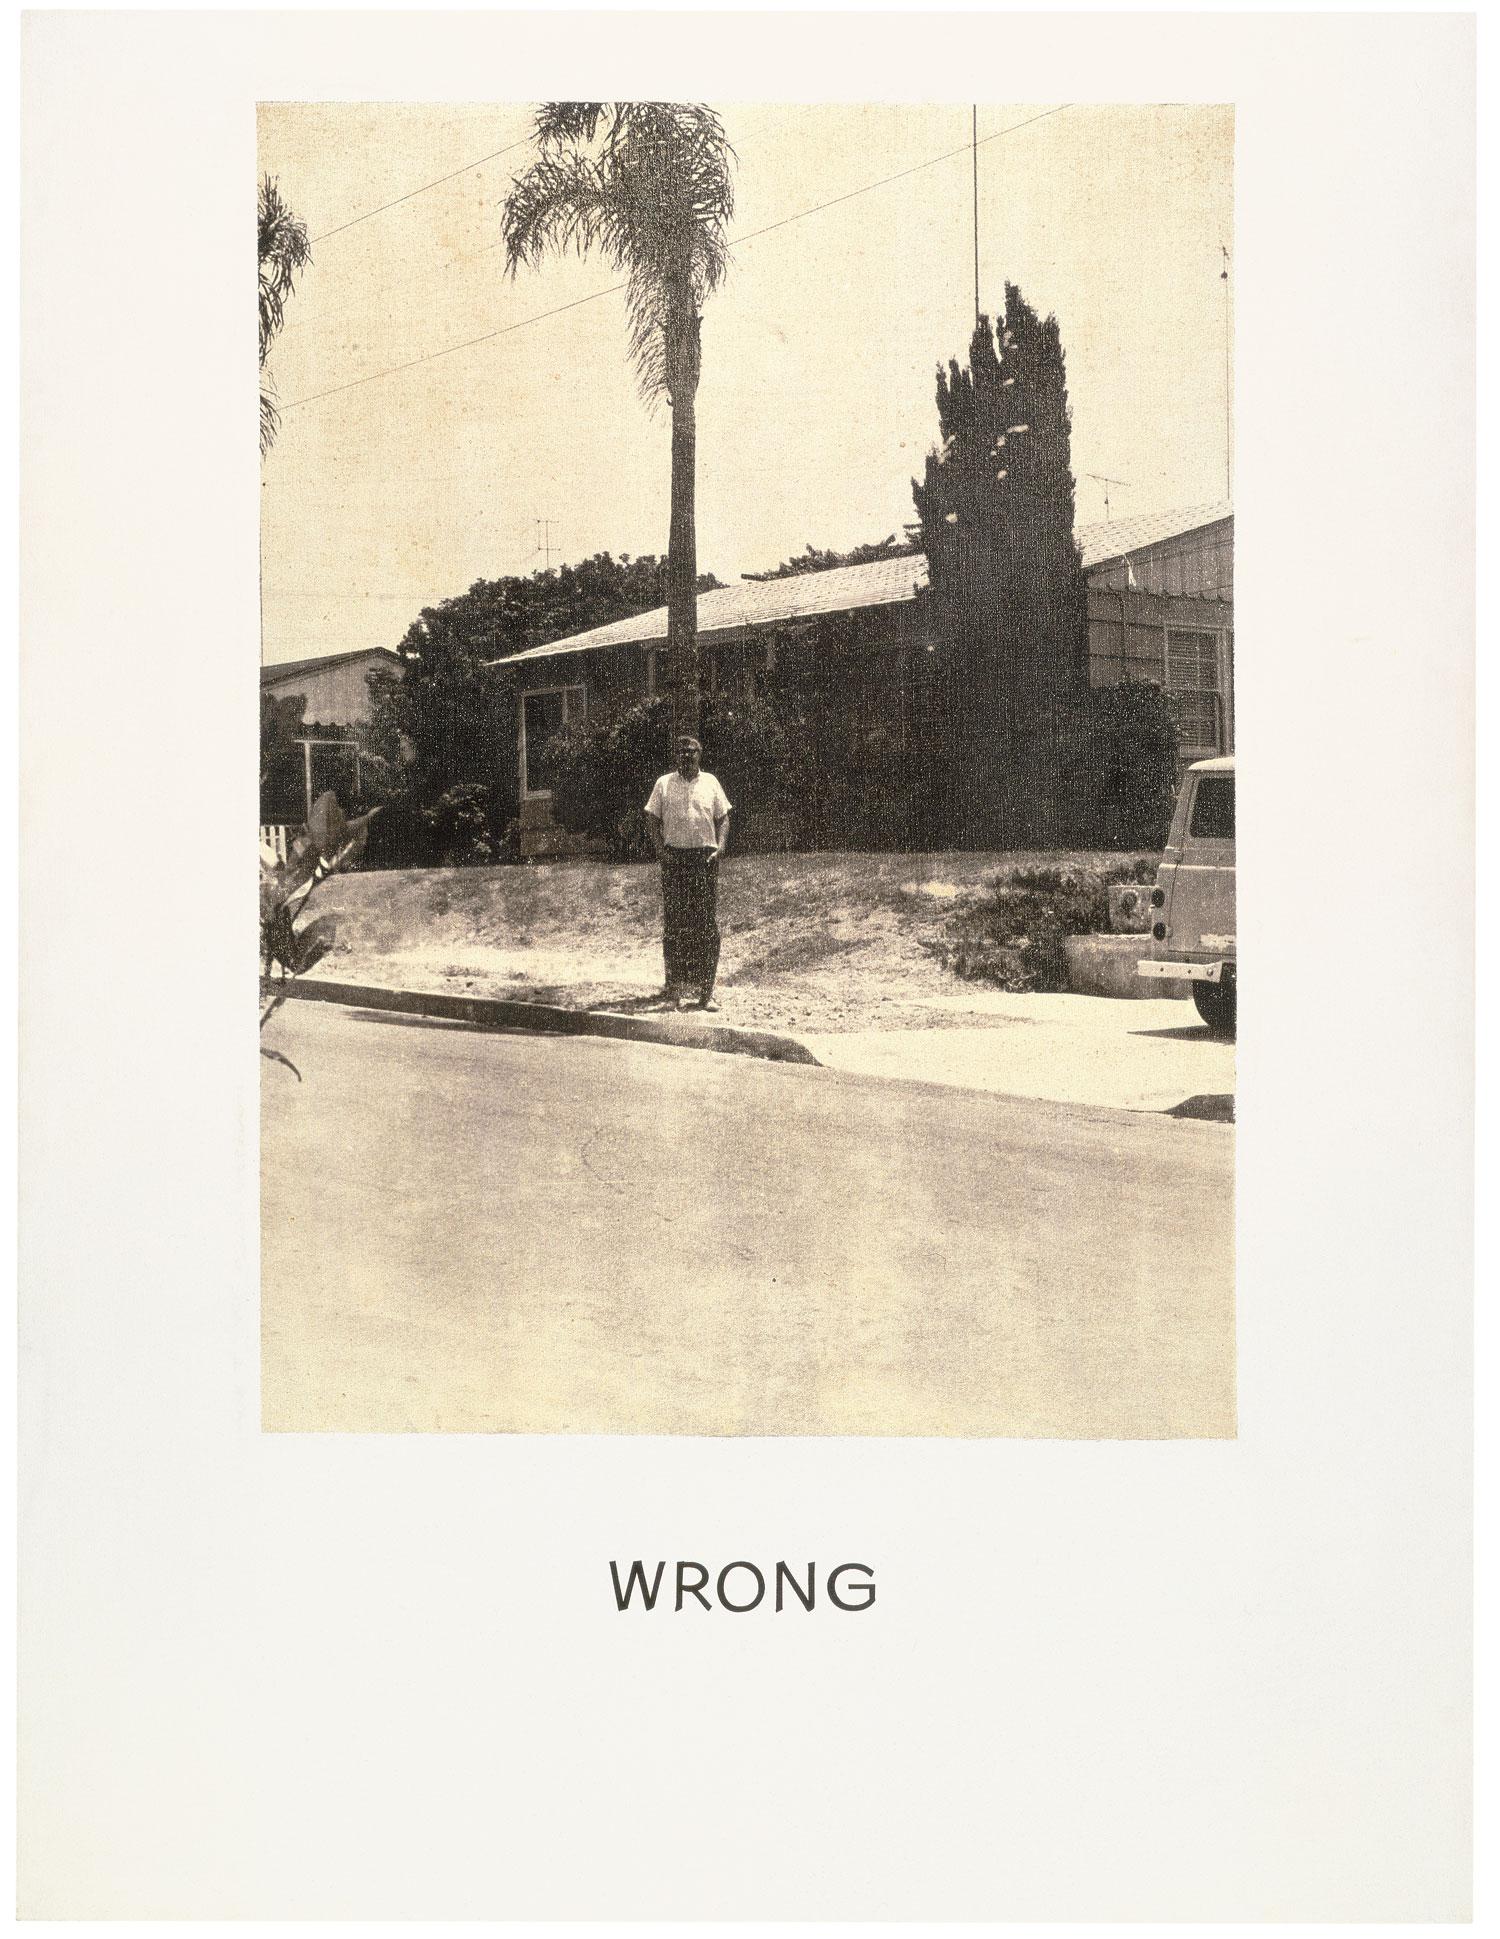 Wrong,  1966-68  ©John Baldessari